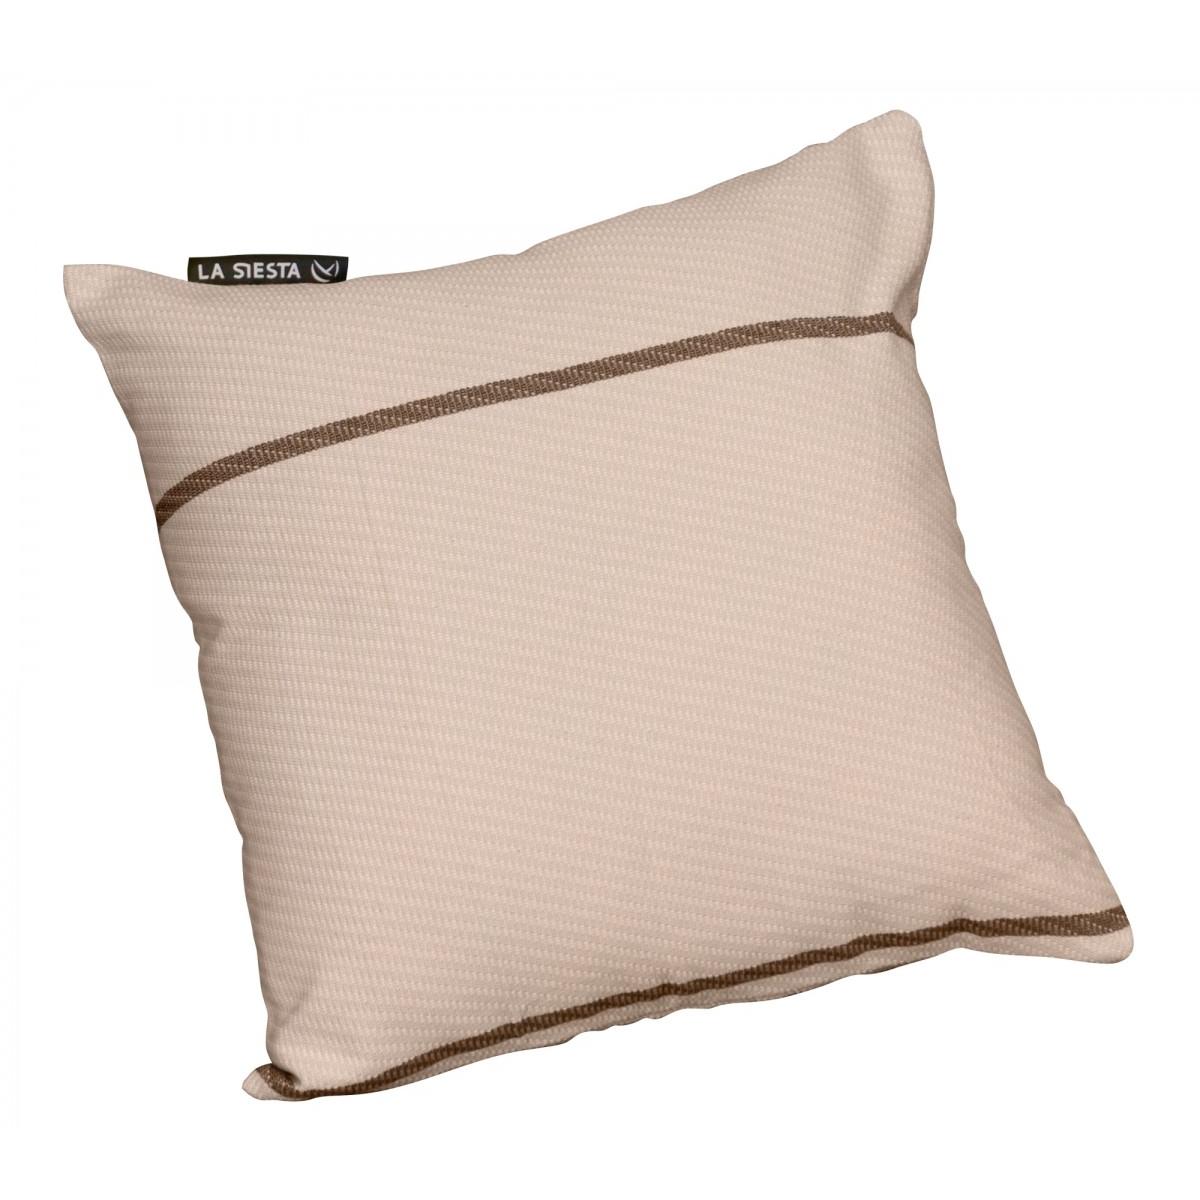 la siesta h ngematten kissen habana nougat bei h ngematte schweiz ch kaufen. Black Bedroom Furniture Sets. Home Design Ideas